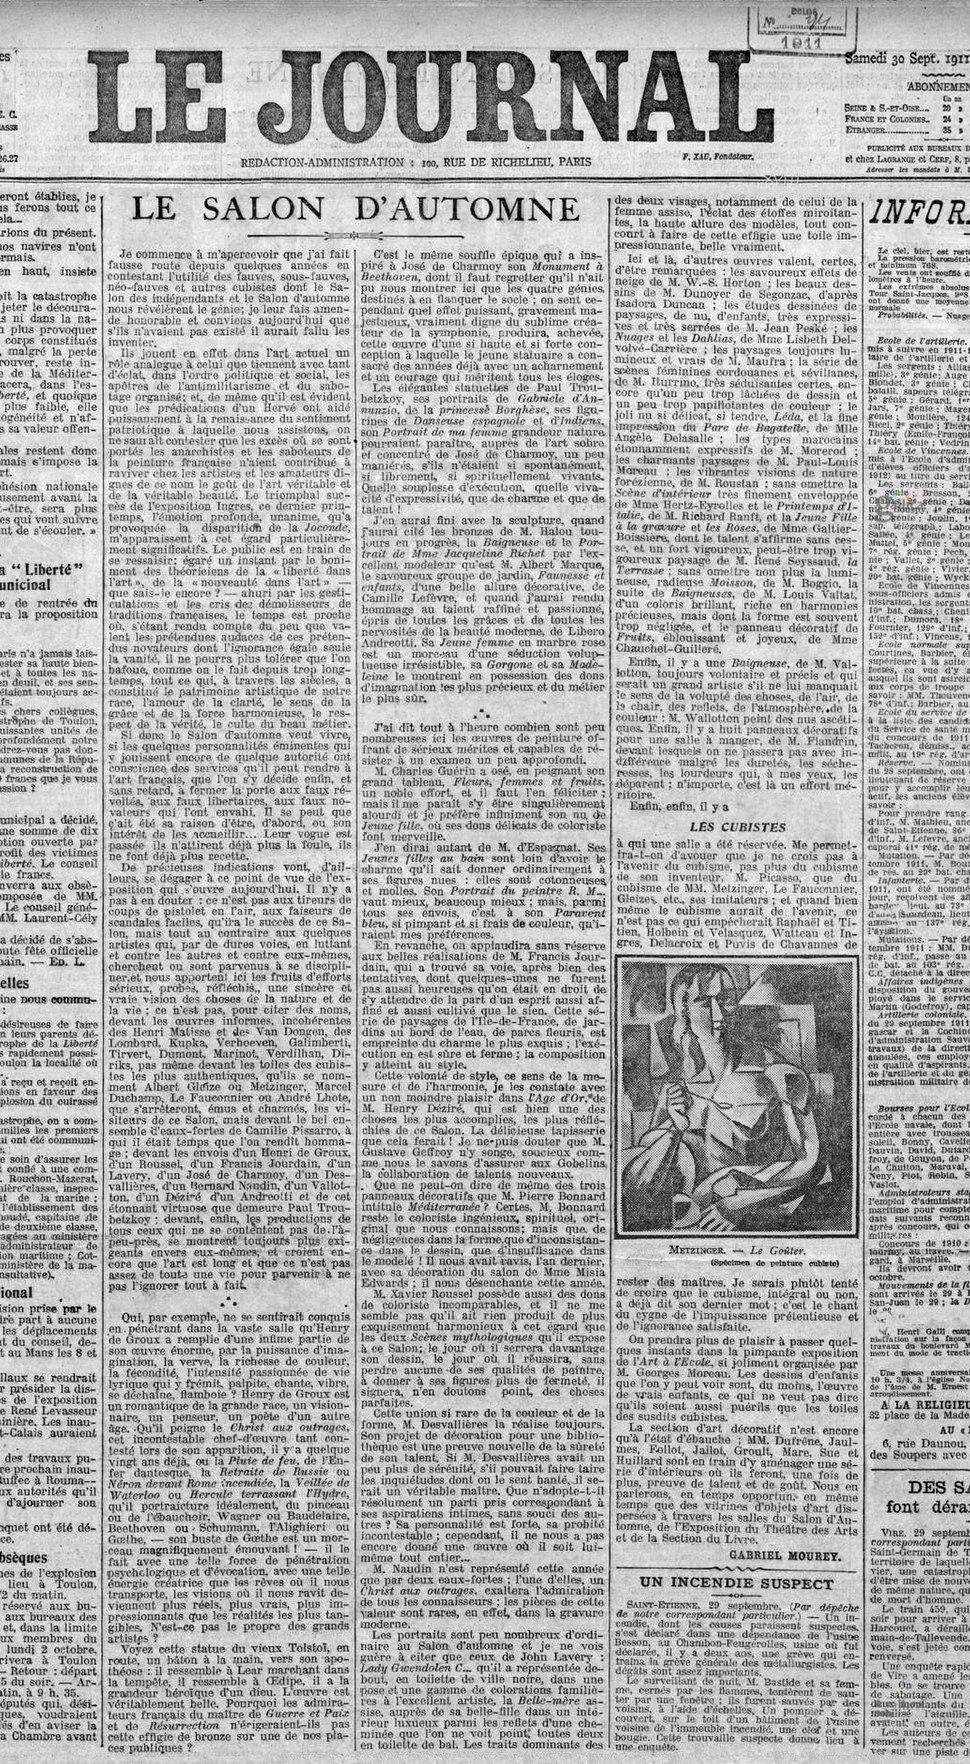 Jean Metzinger, Le Goûter (Tea Time), published in Le Journal, 30 September 1911